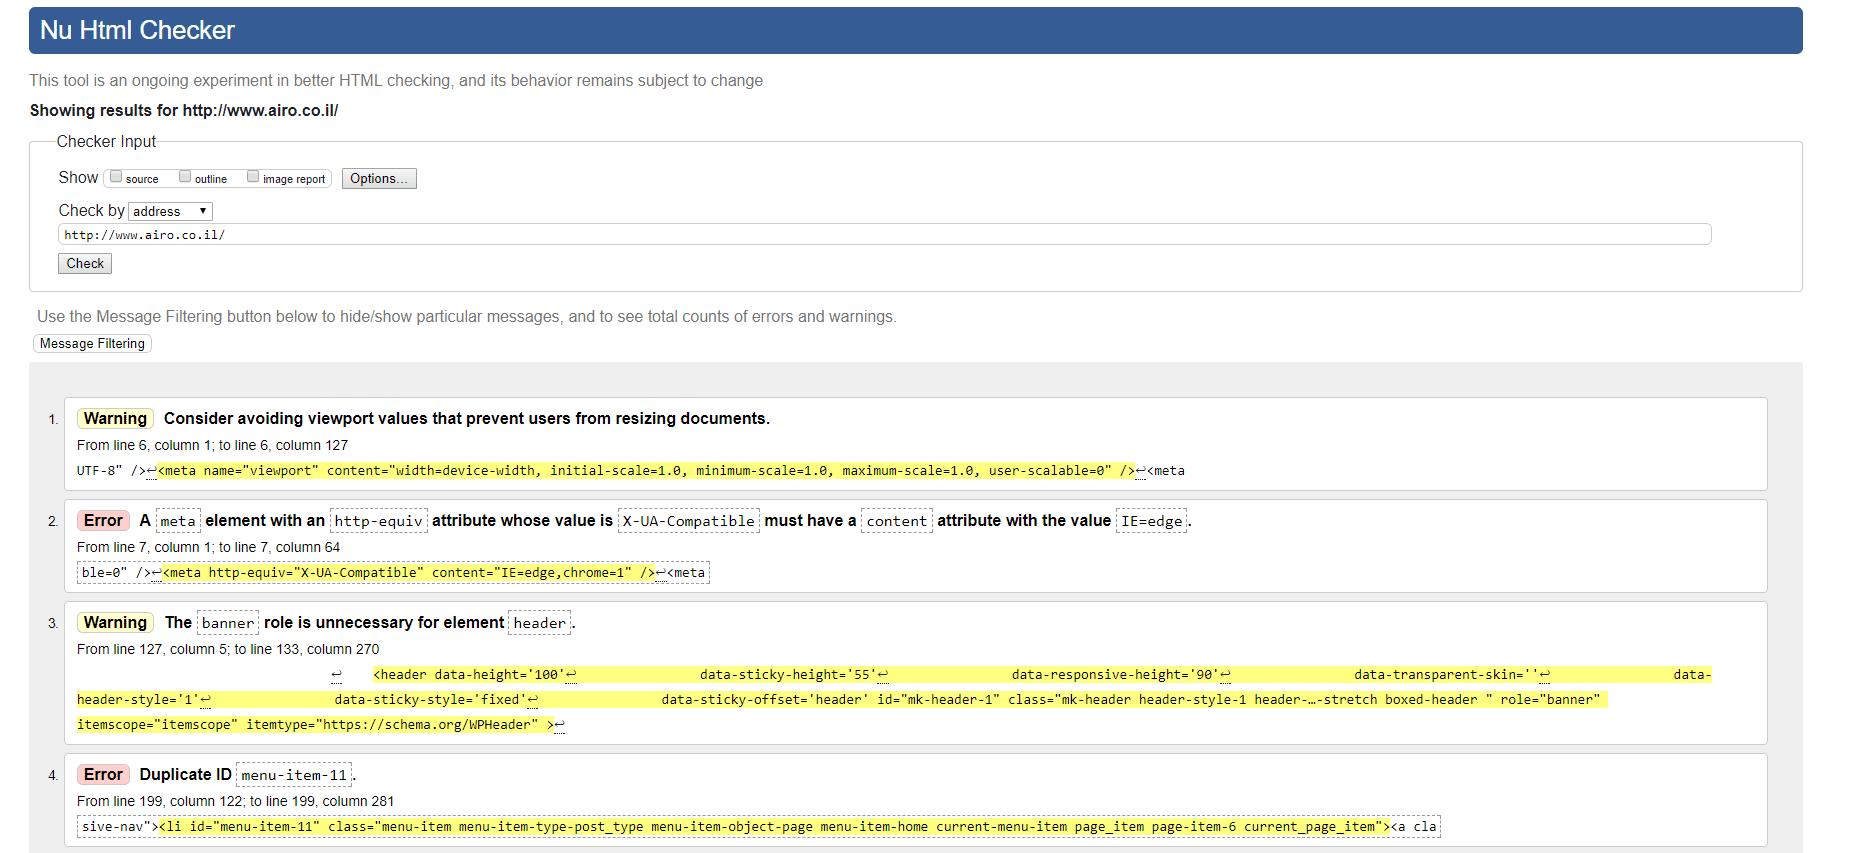 בדיקת קוד האתר